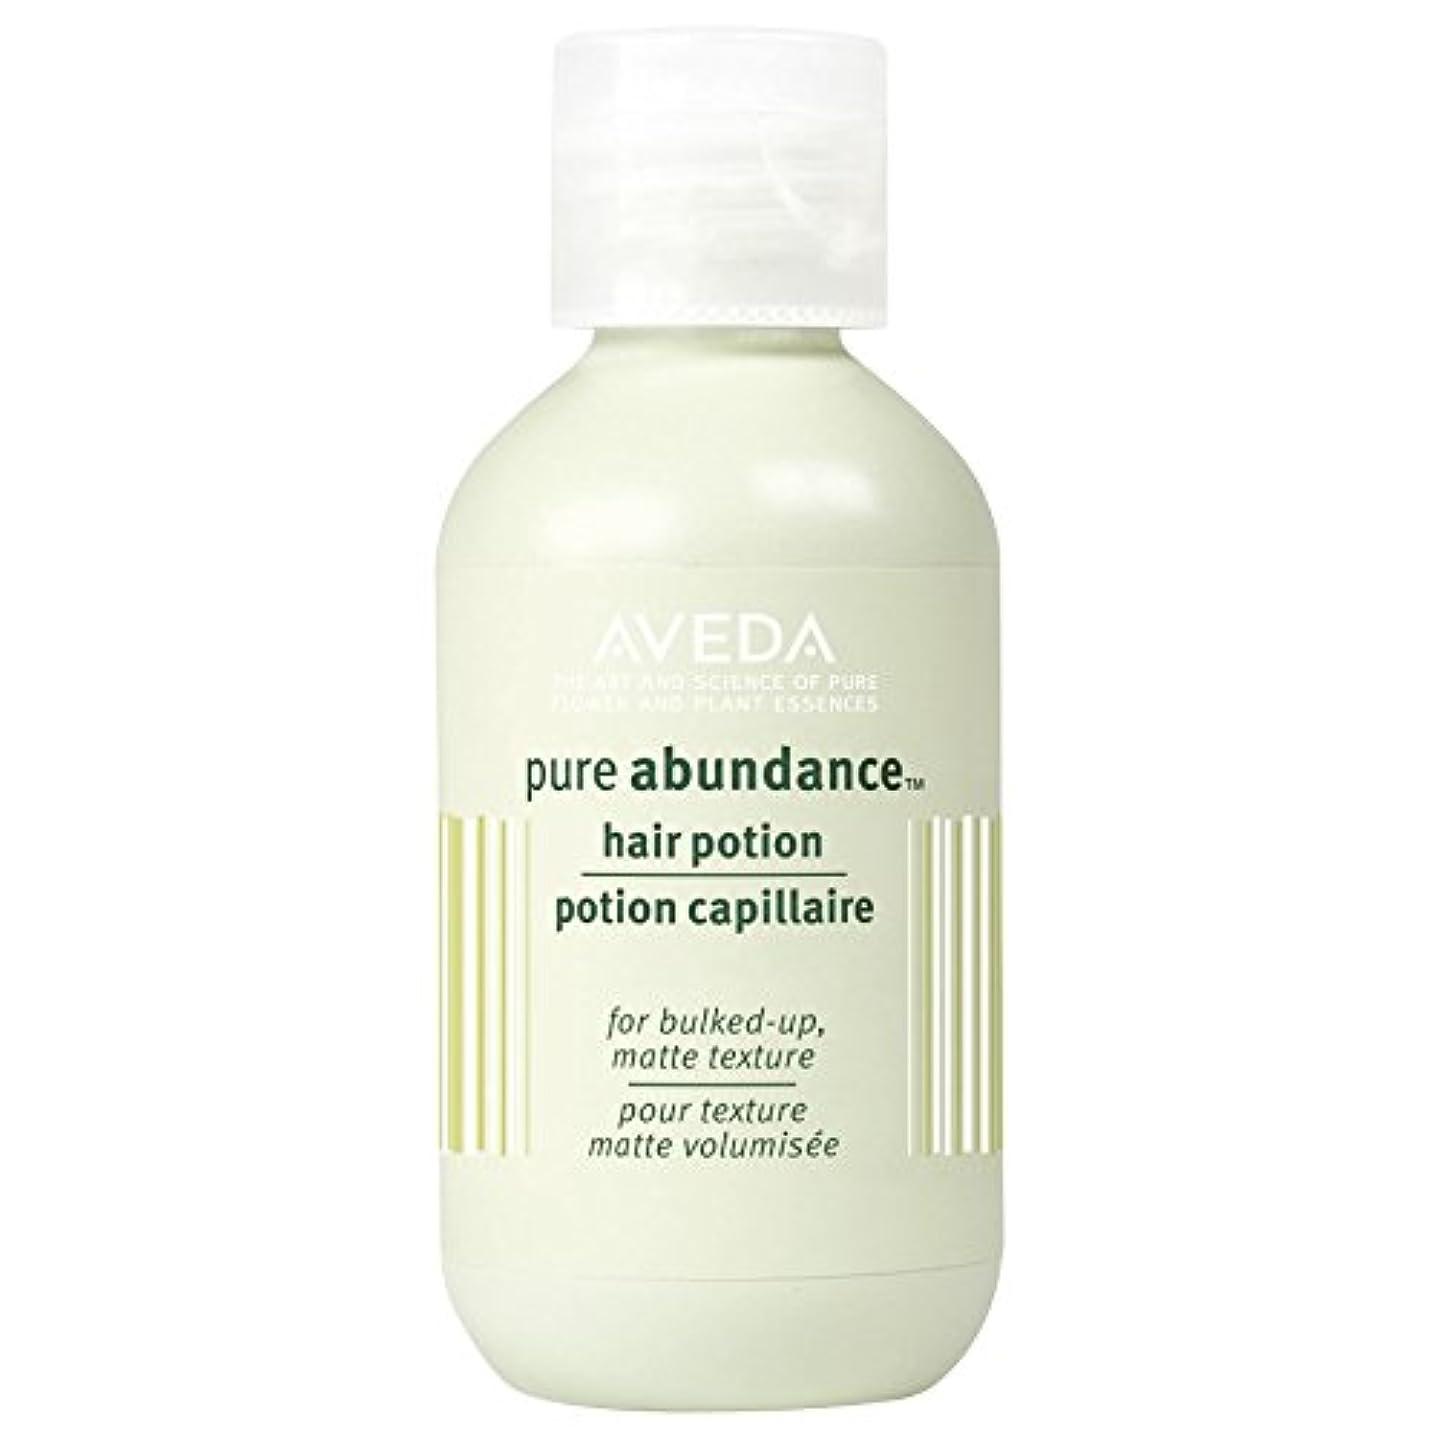 カカドゥ寂しい幻滅[AVEDA] アヴェダピュア豊富ヘアポーション20グラム - Aveda Pure Abundance Hair Potion 20g [並行輸入品]